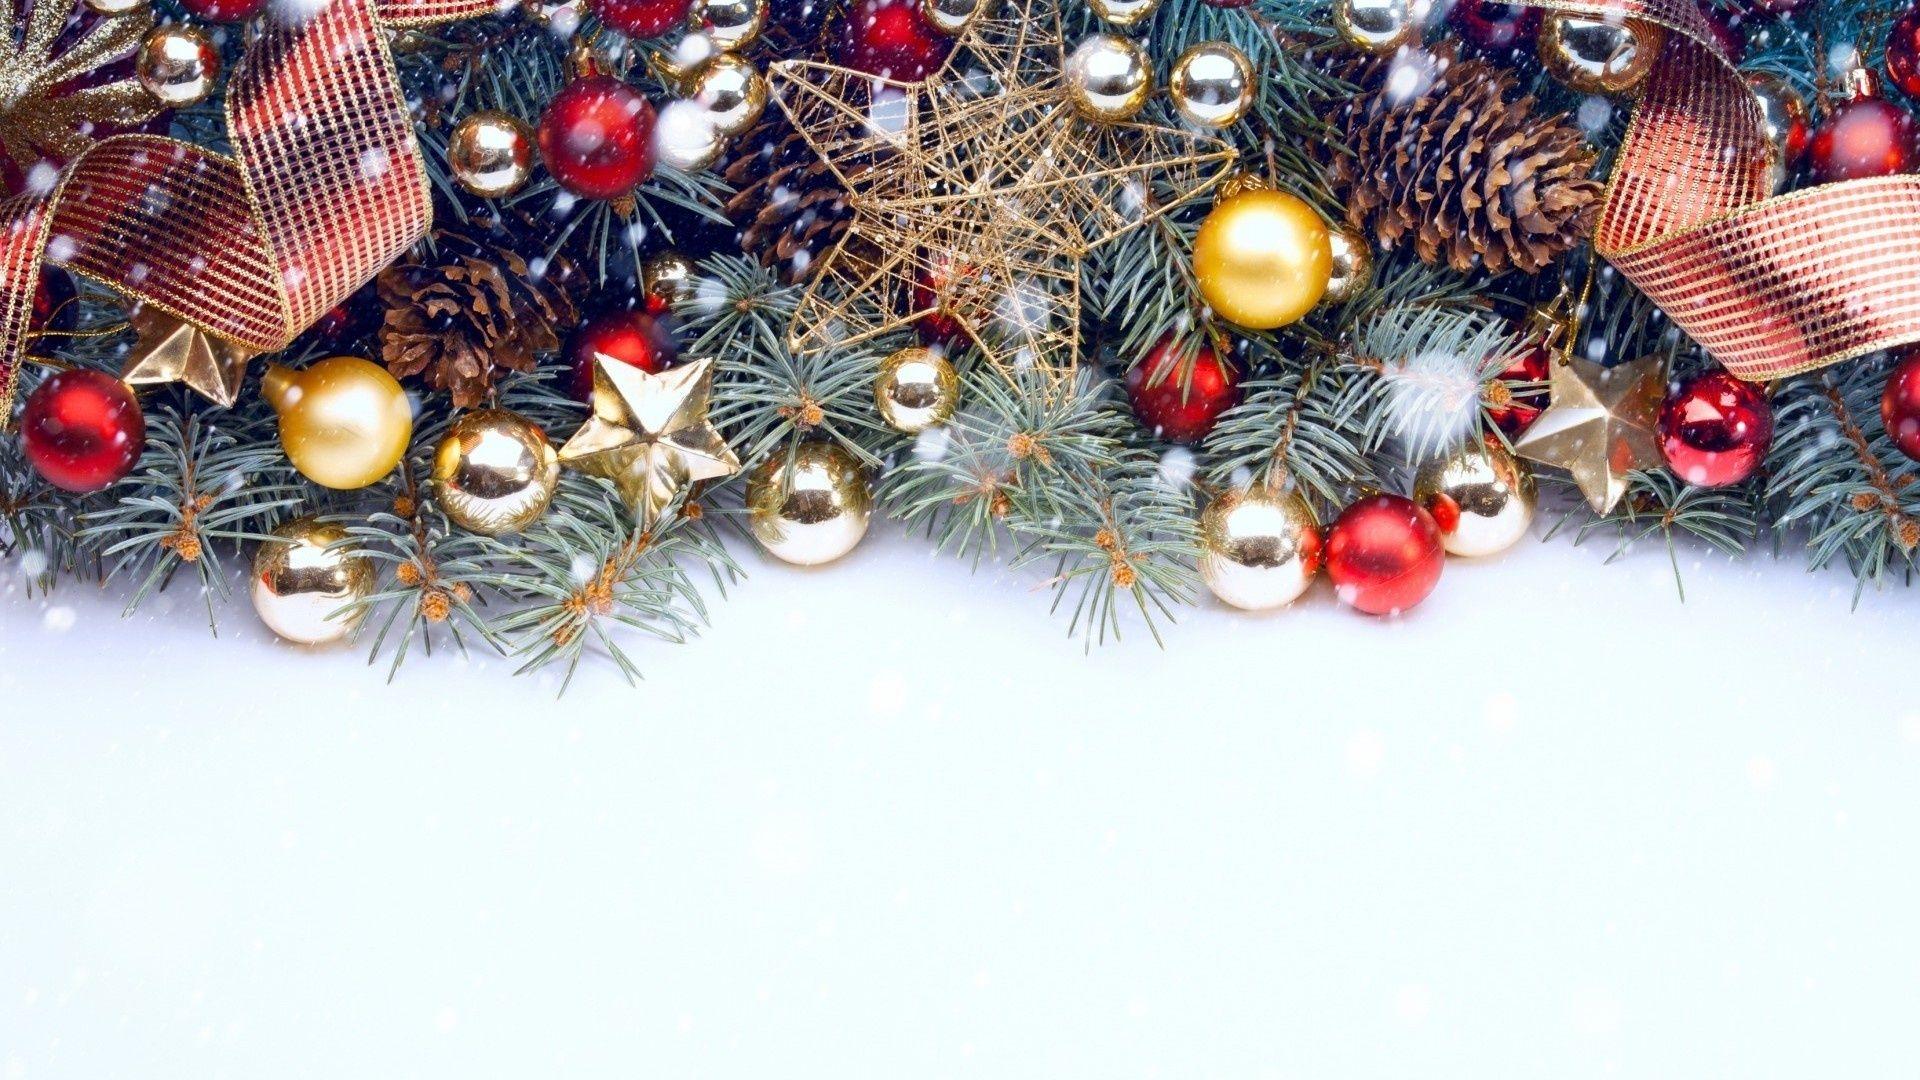 Christmas For Website full wallpaper